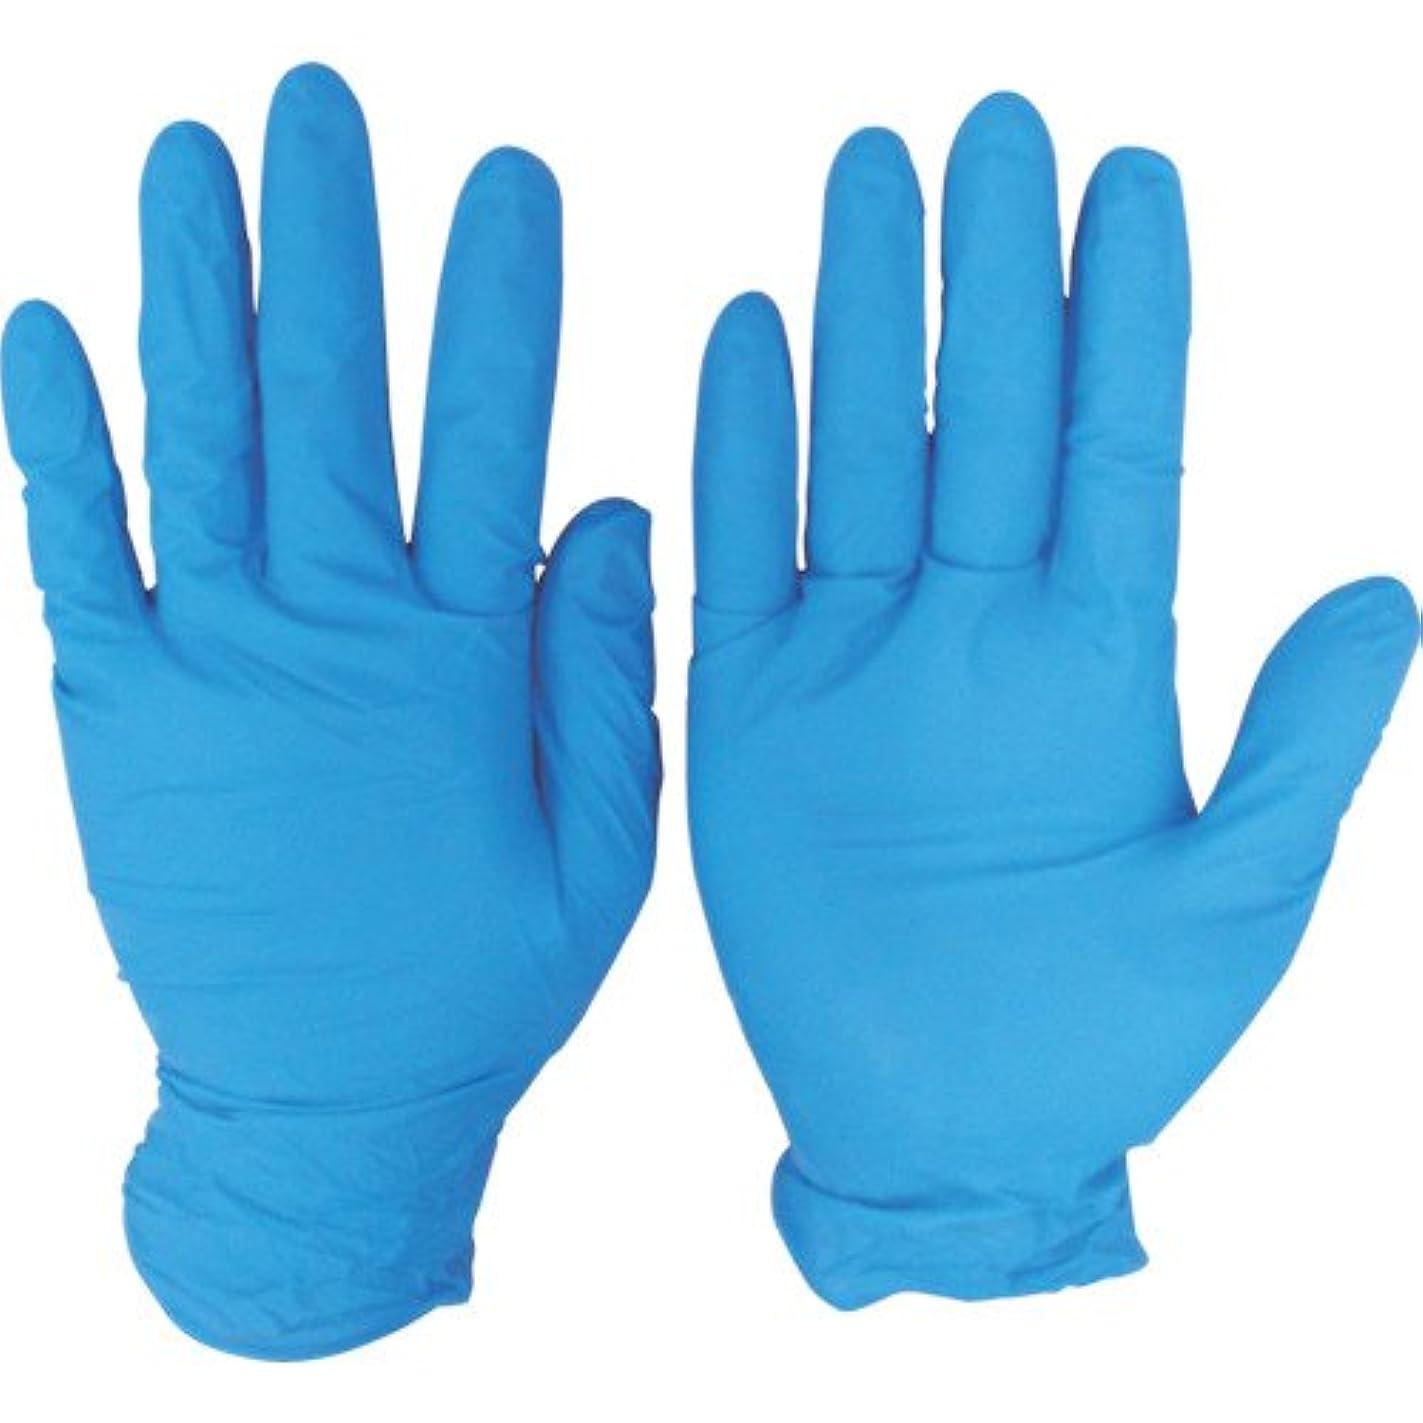 生産的差別狂信者シンガー ニトリルディスポグローブ(手袋) No.810 ブルー パウダーフリー(100枚) SS